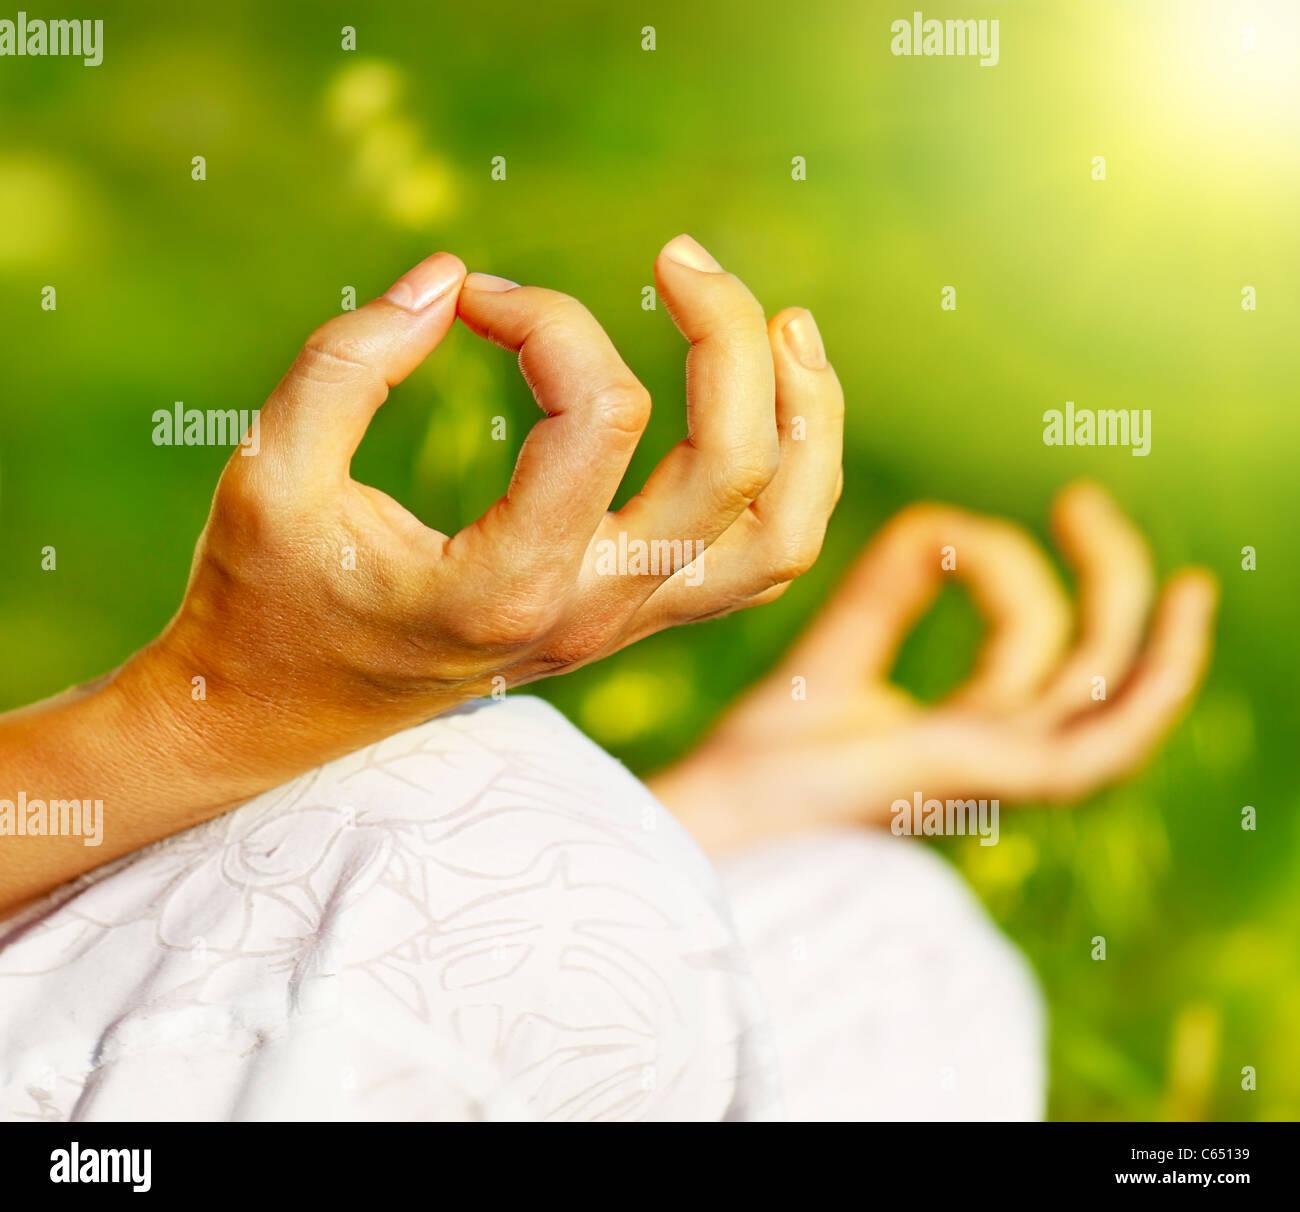 La méditation de yoga en plein air, les femmes en bonne santé dans la paix, l'âme et l'esprit Photo Stock